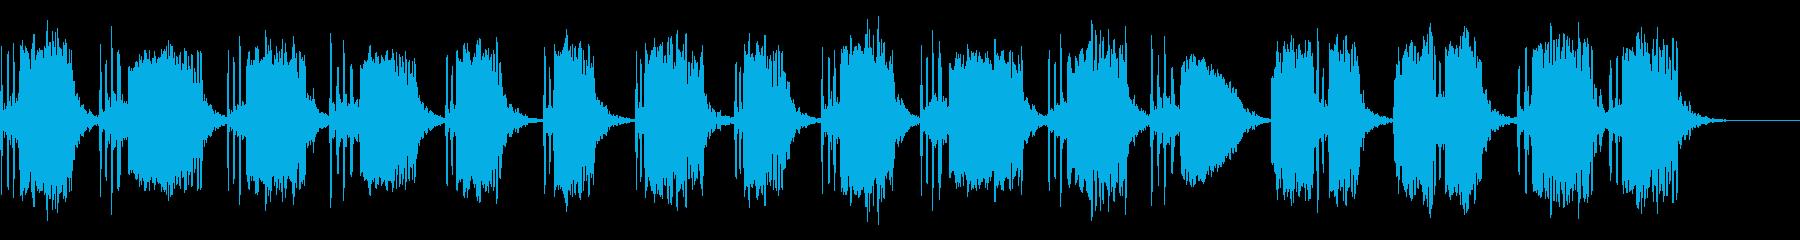 Solitaluteの再生済みの波形